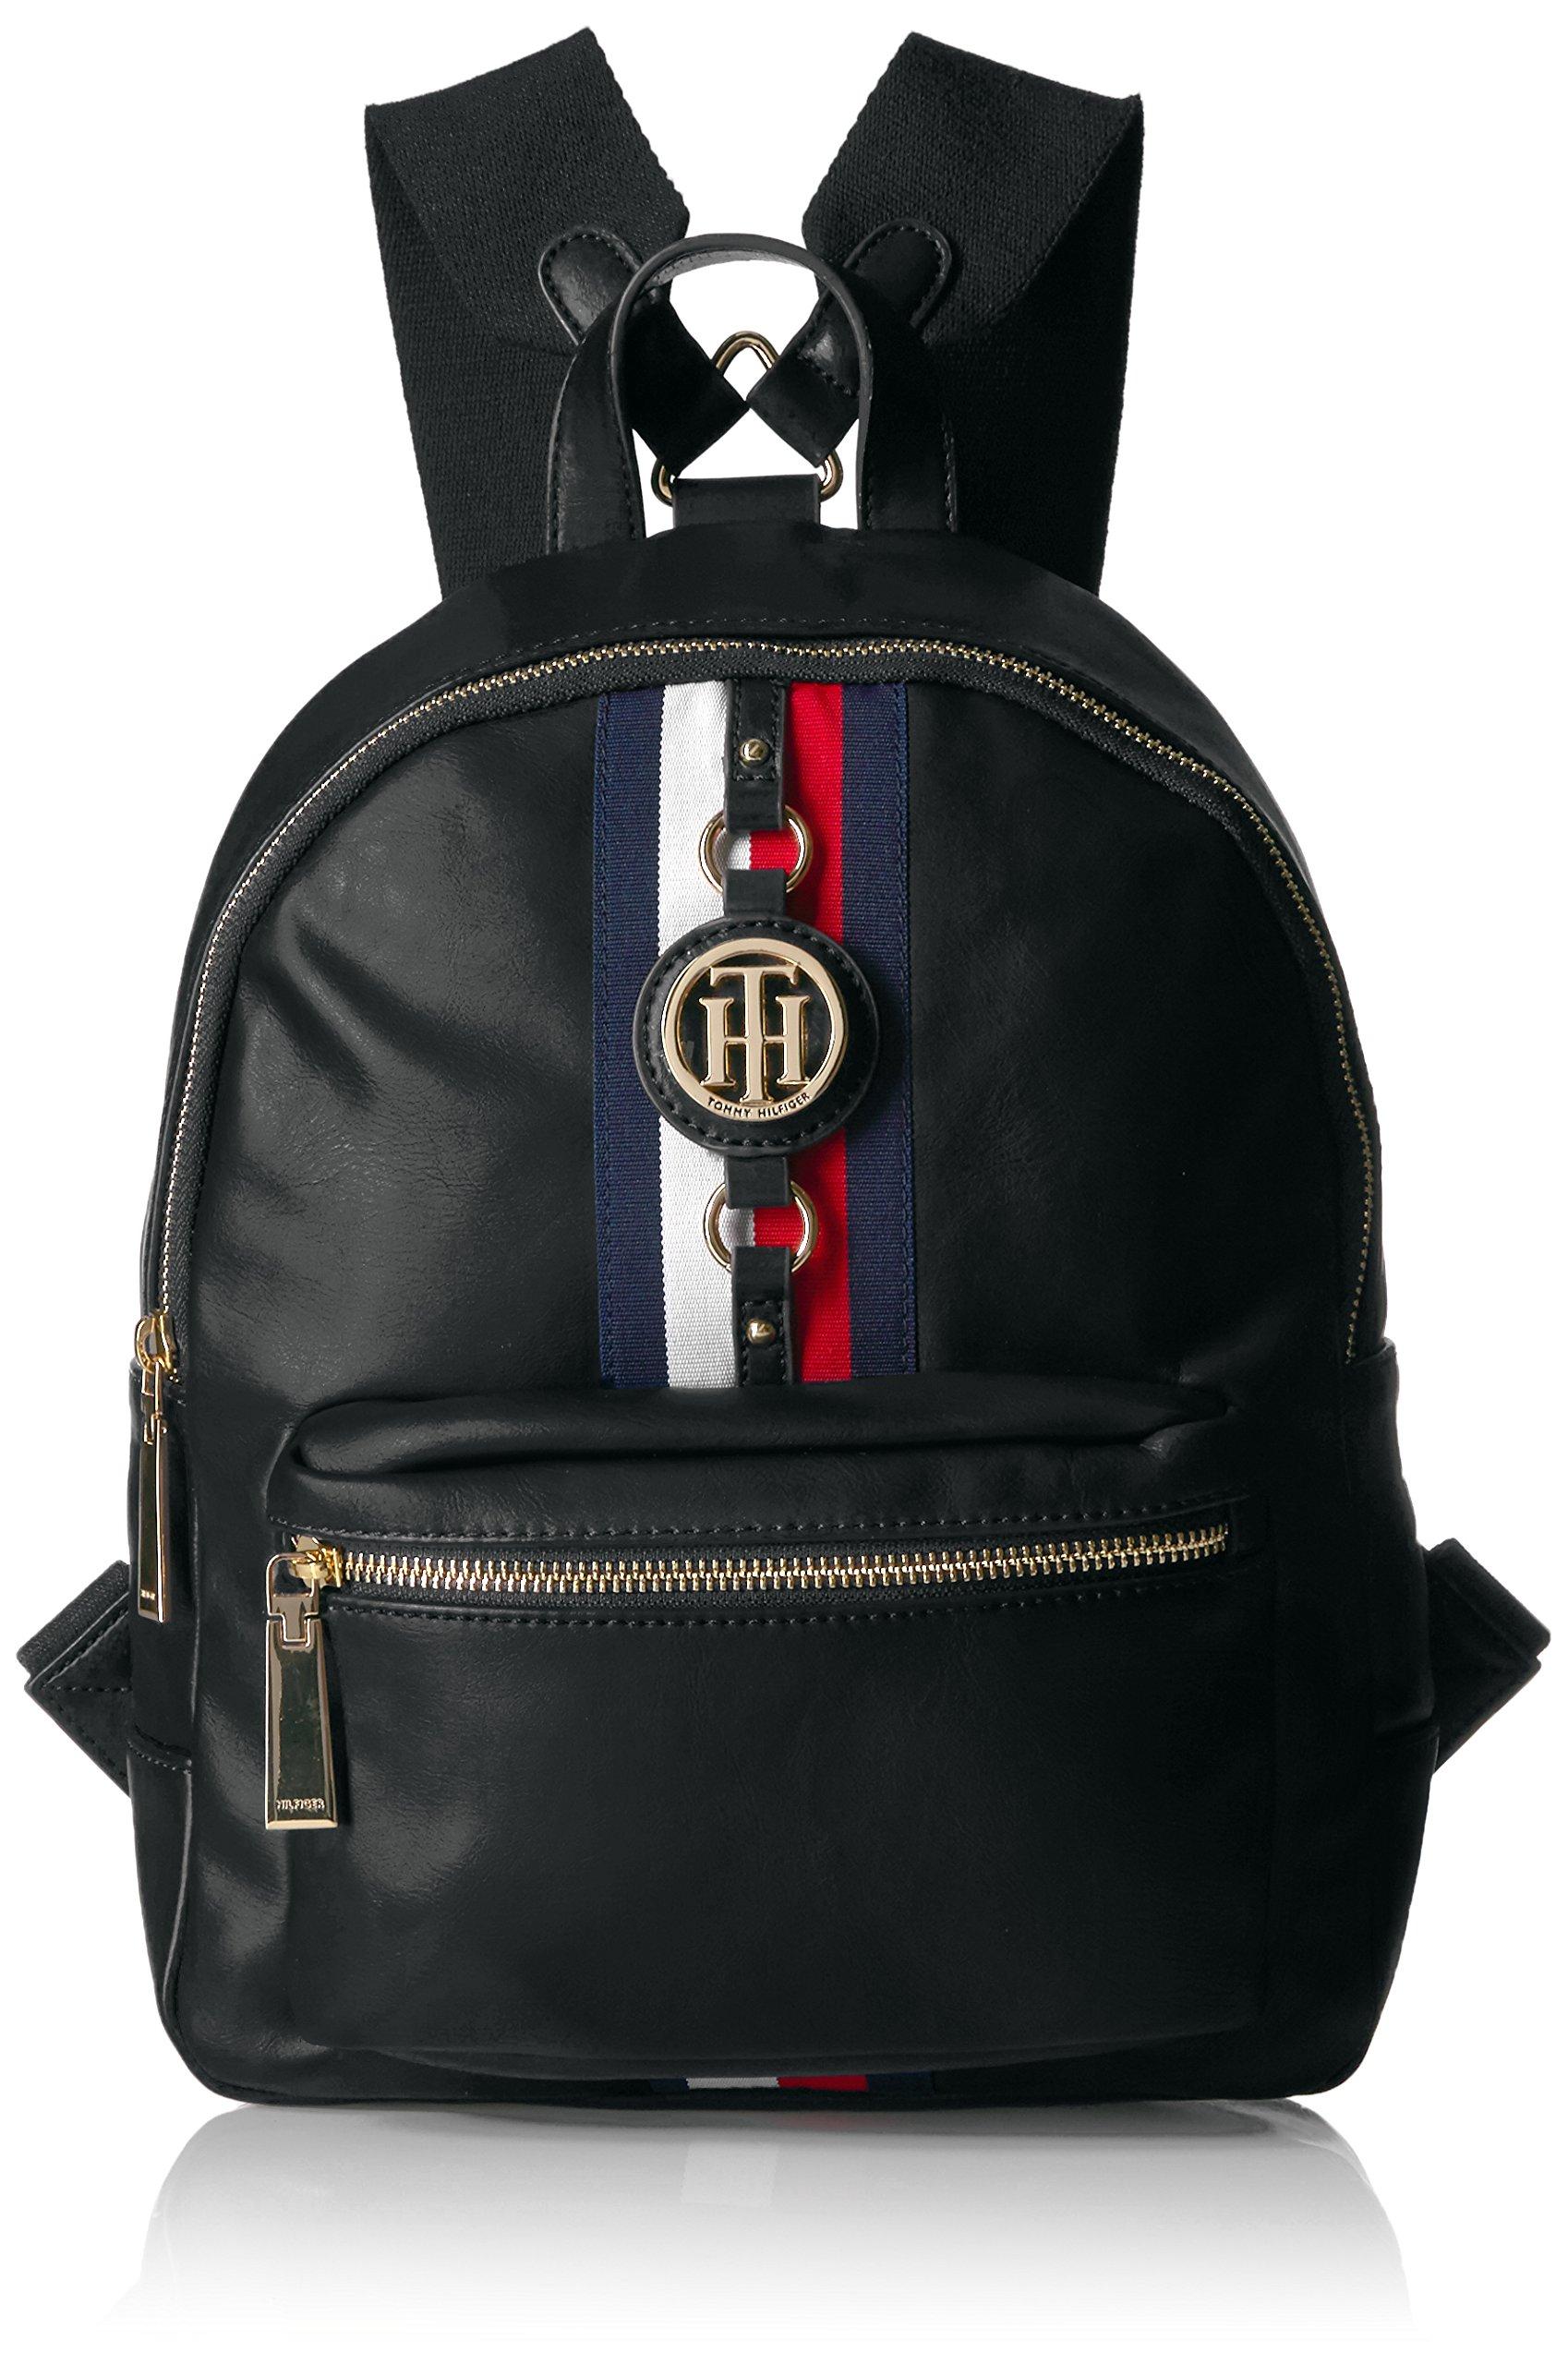 Tommy Hilfiger Backpack for Women Jaden, Black Polyvinyl Chloride